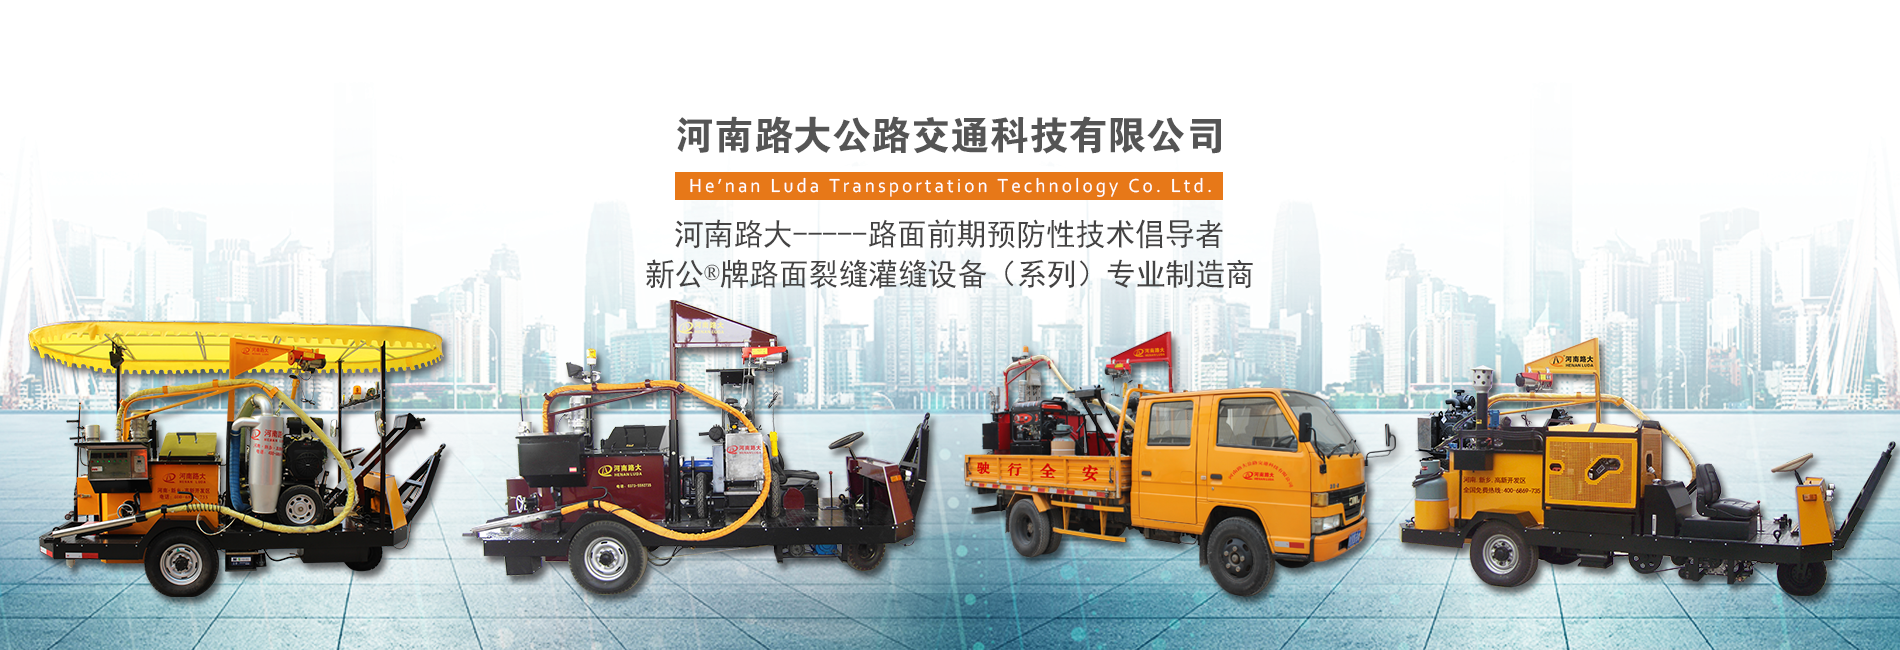 综合养护车,路面综合养护机,河南灌缝机厂家,路面灌缝机